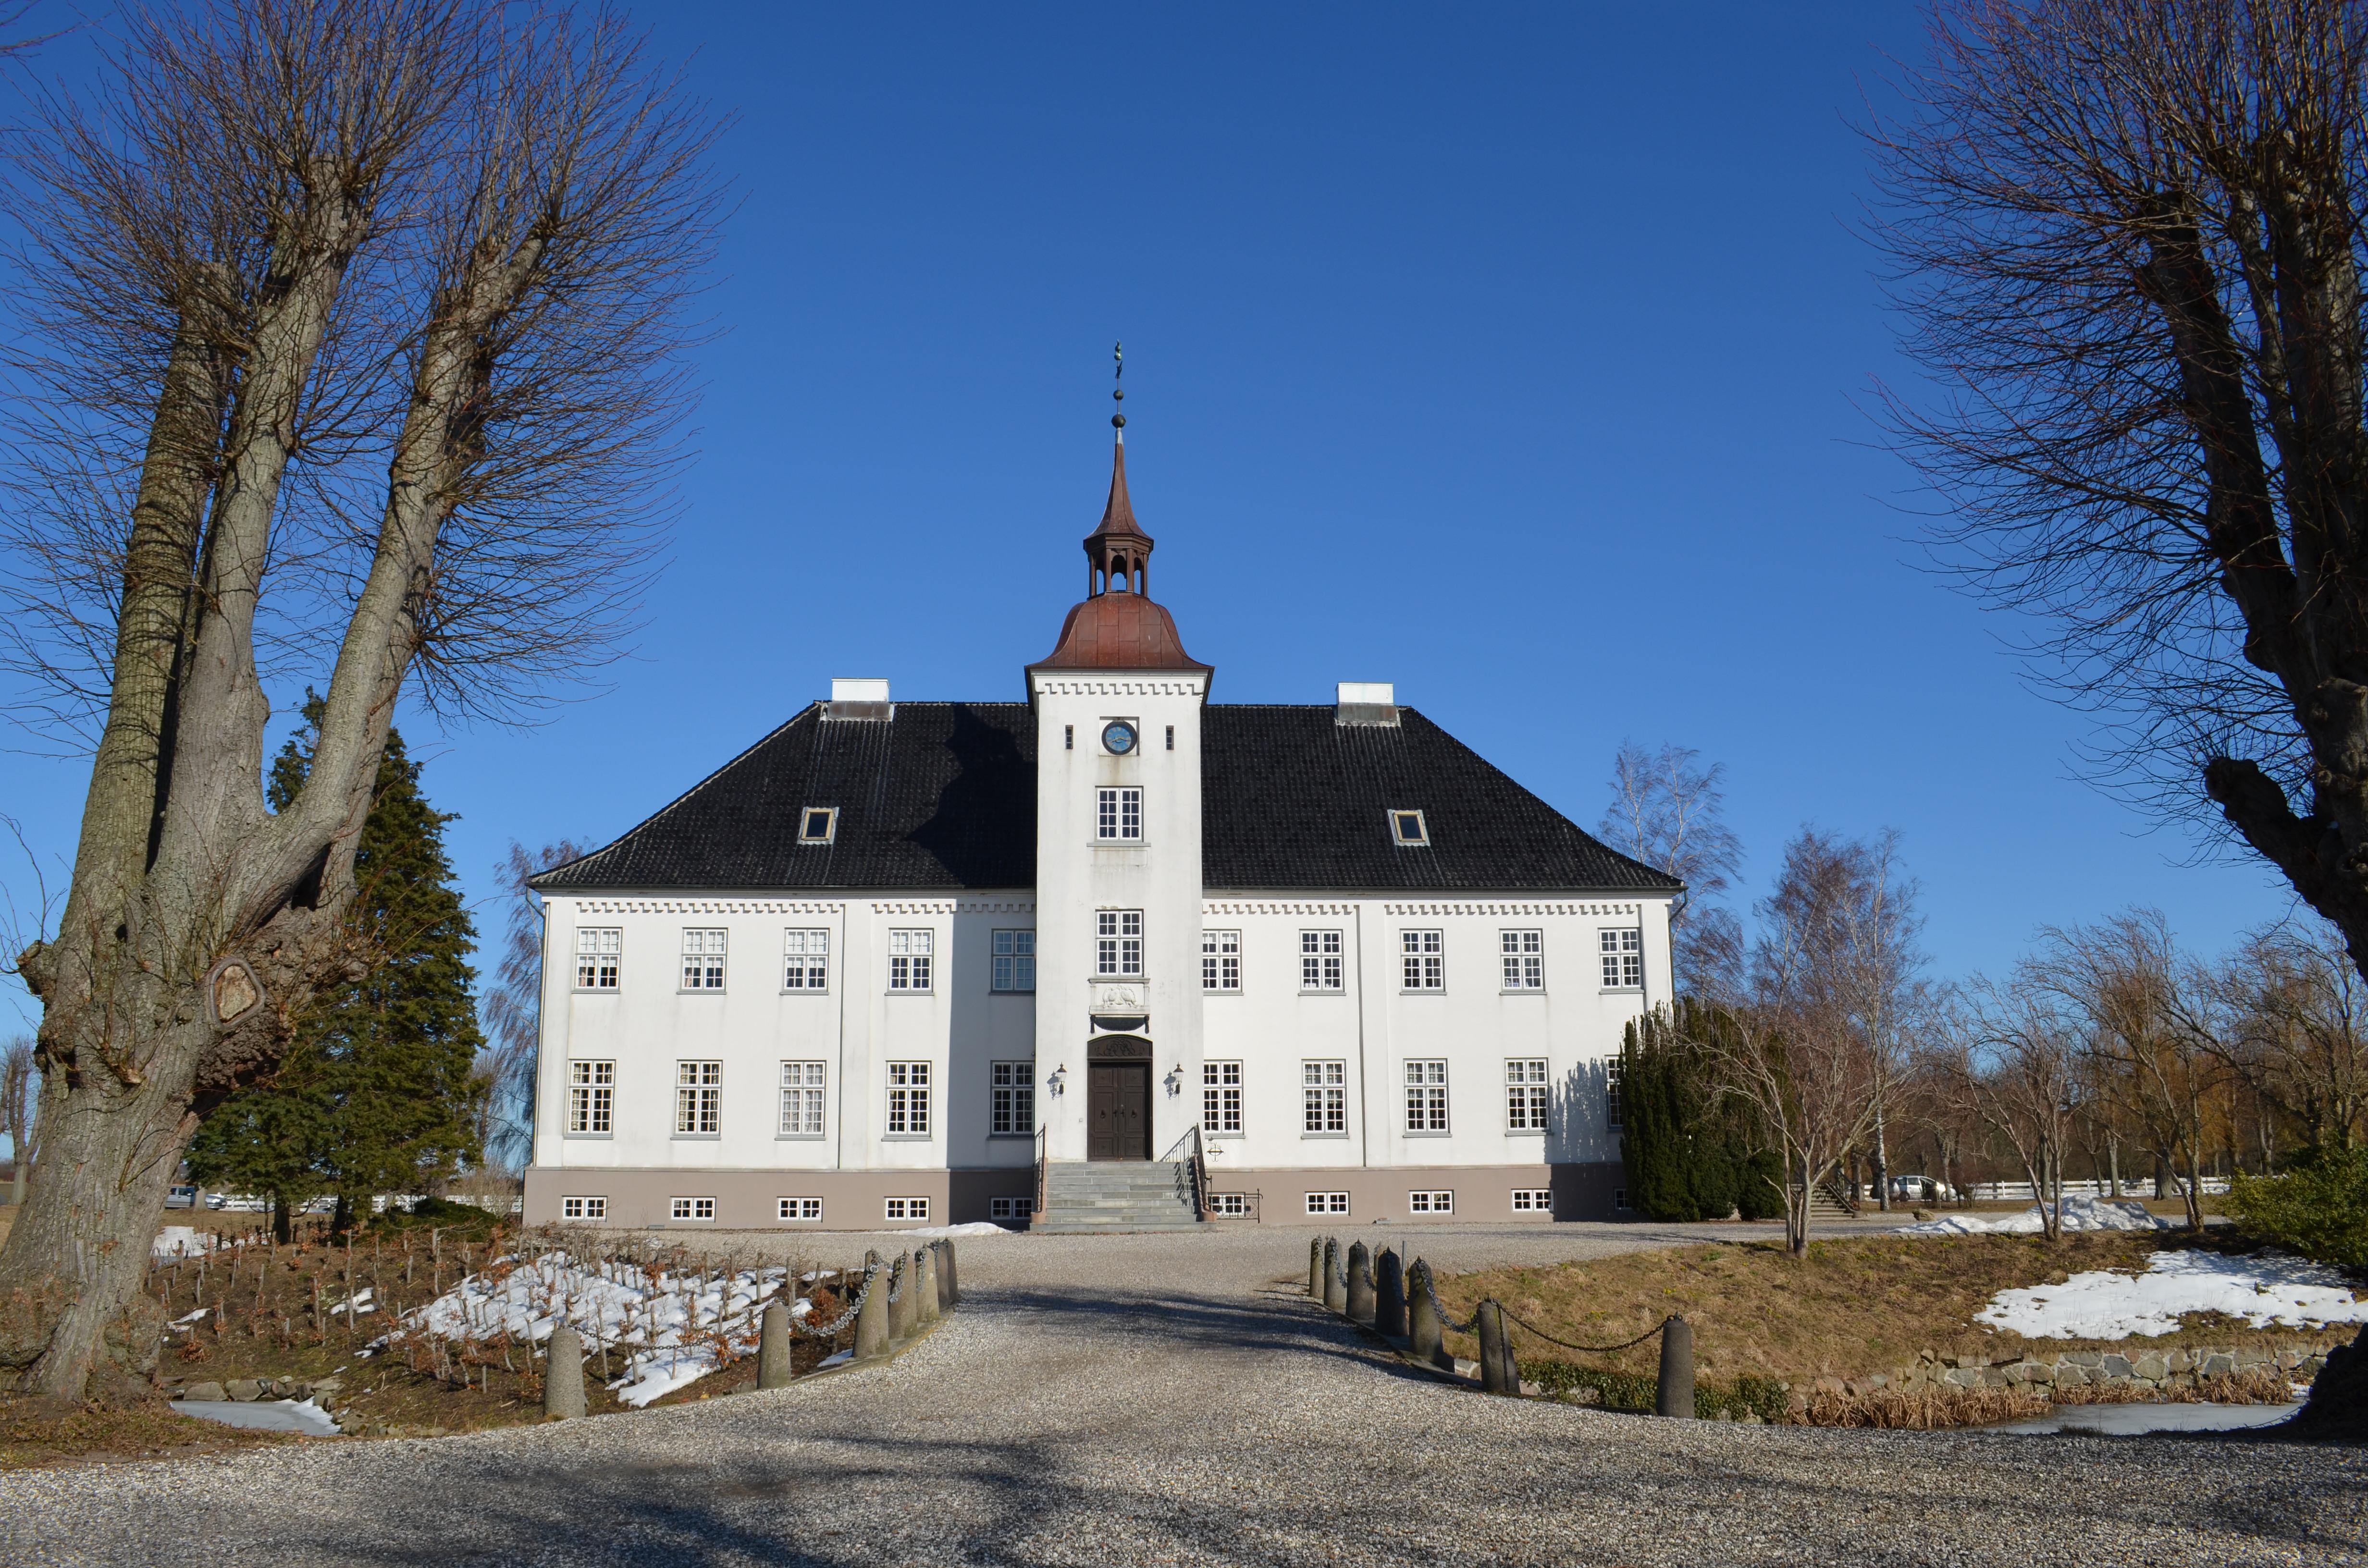 Bandholm hvem hotel ejer Bandholm Hotel